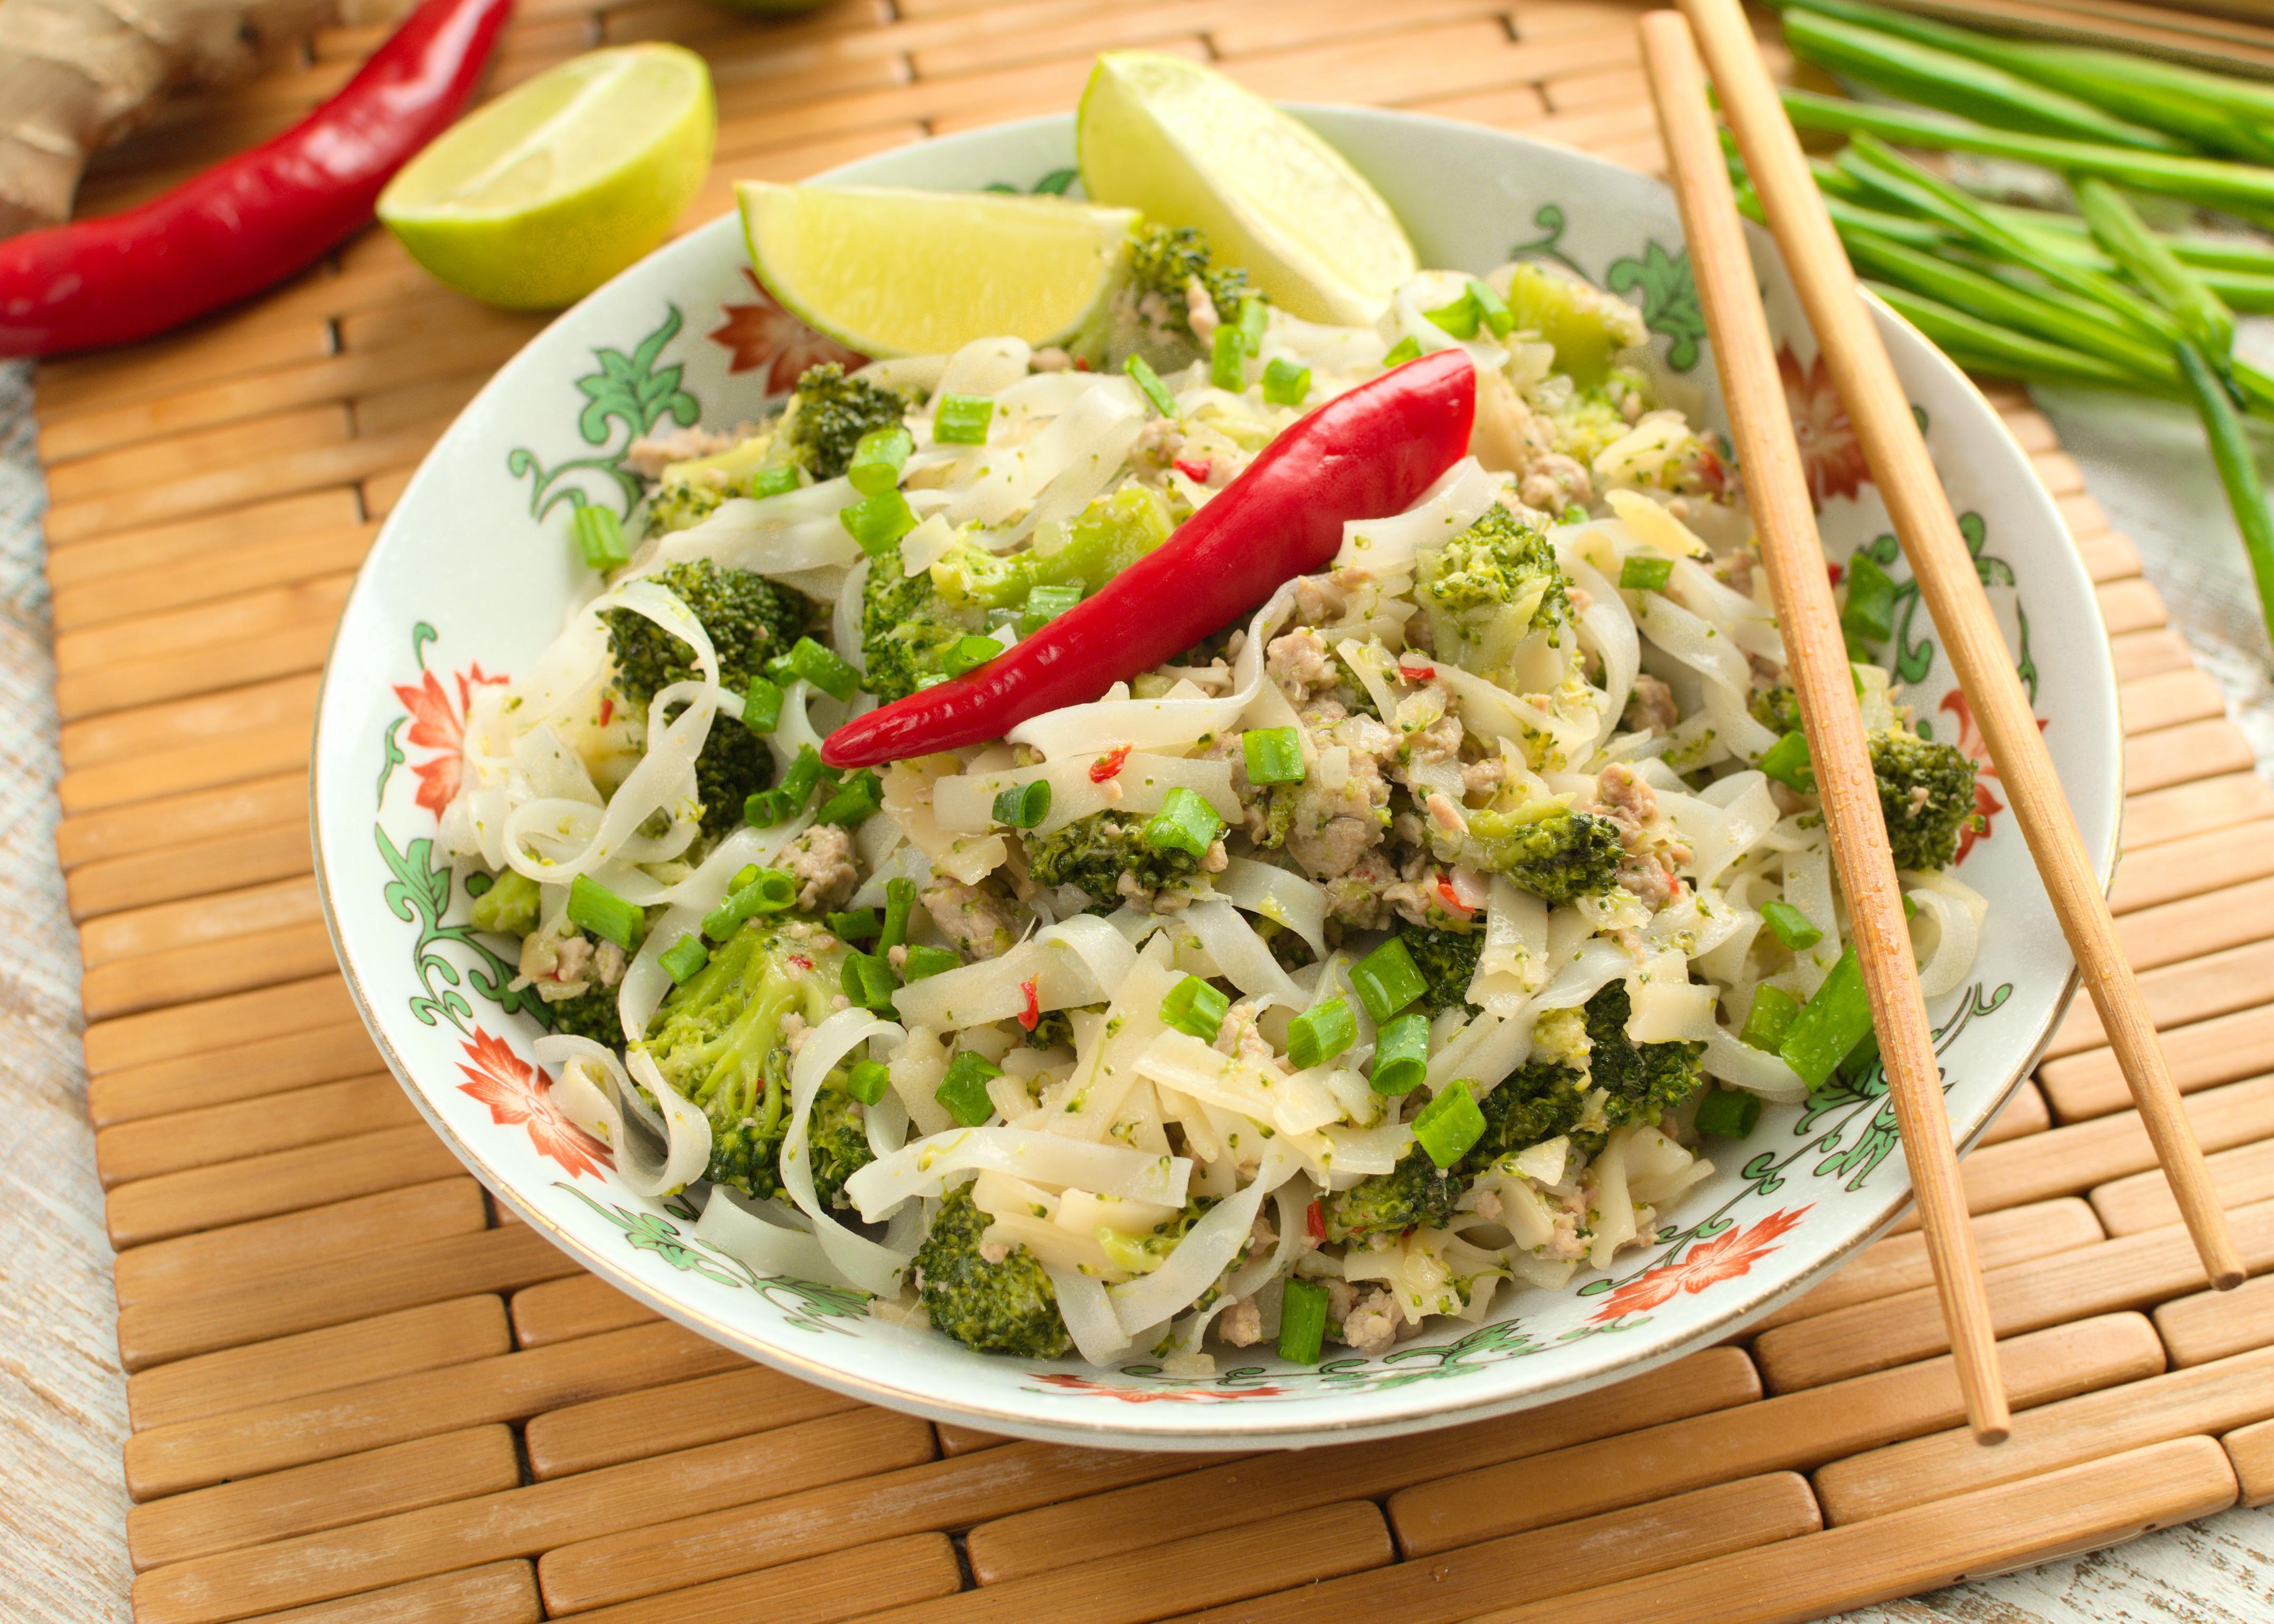 Makaron smażony z mięsem mielonym drobiowym i brokułami